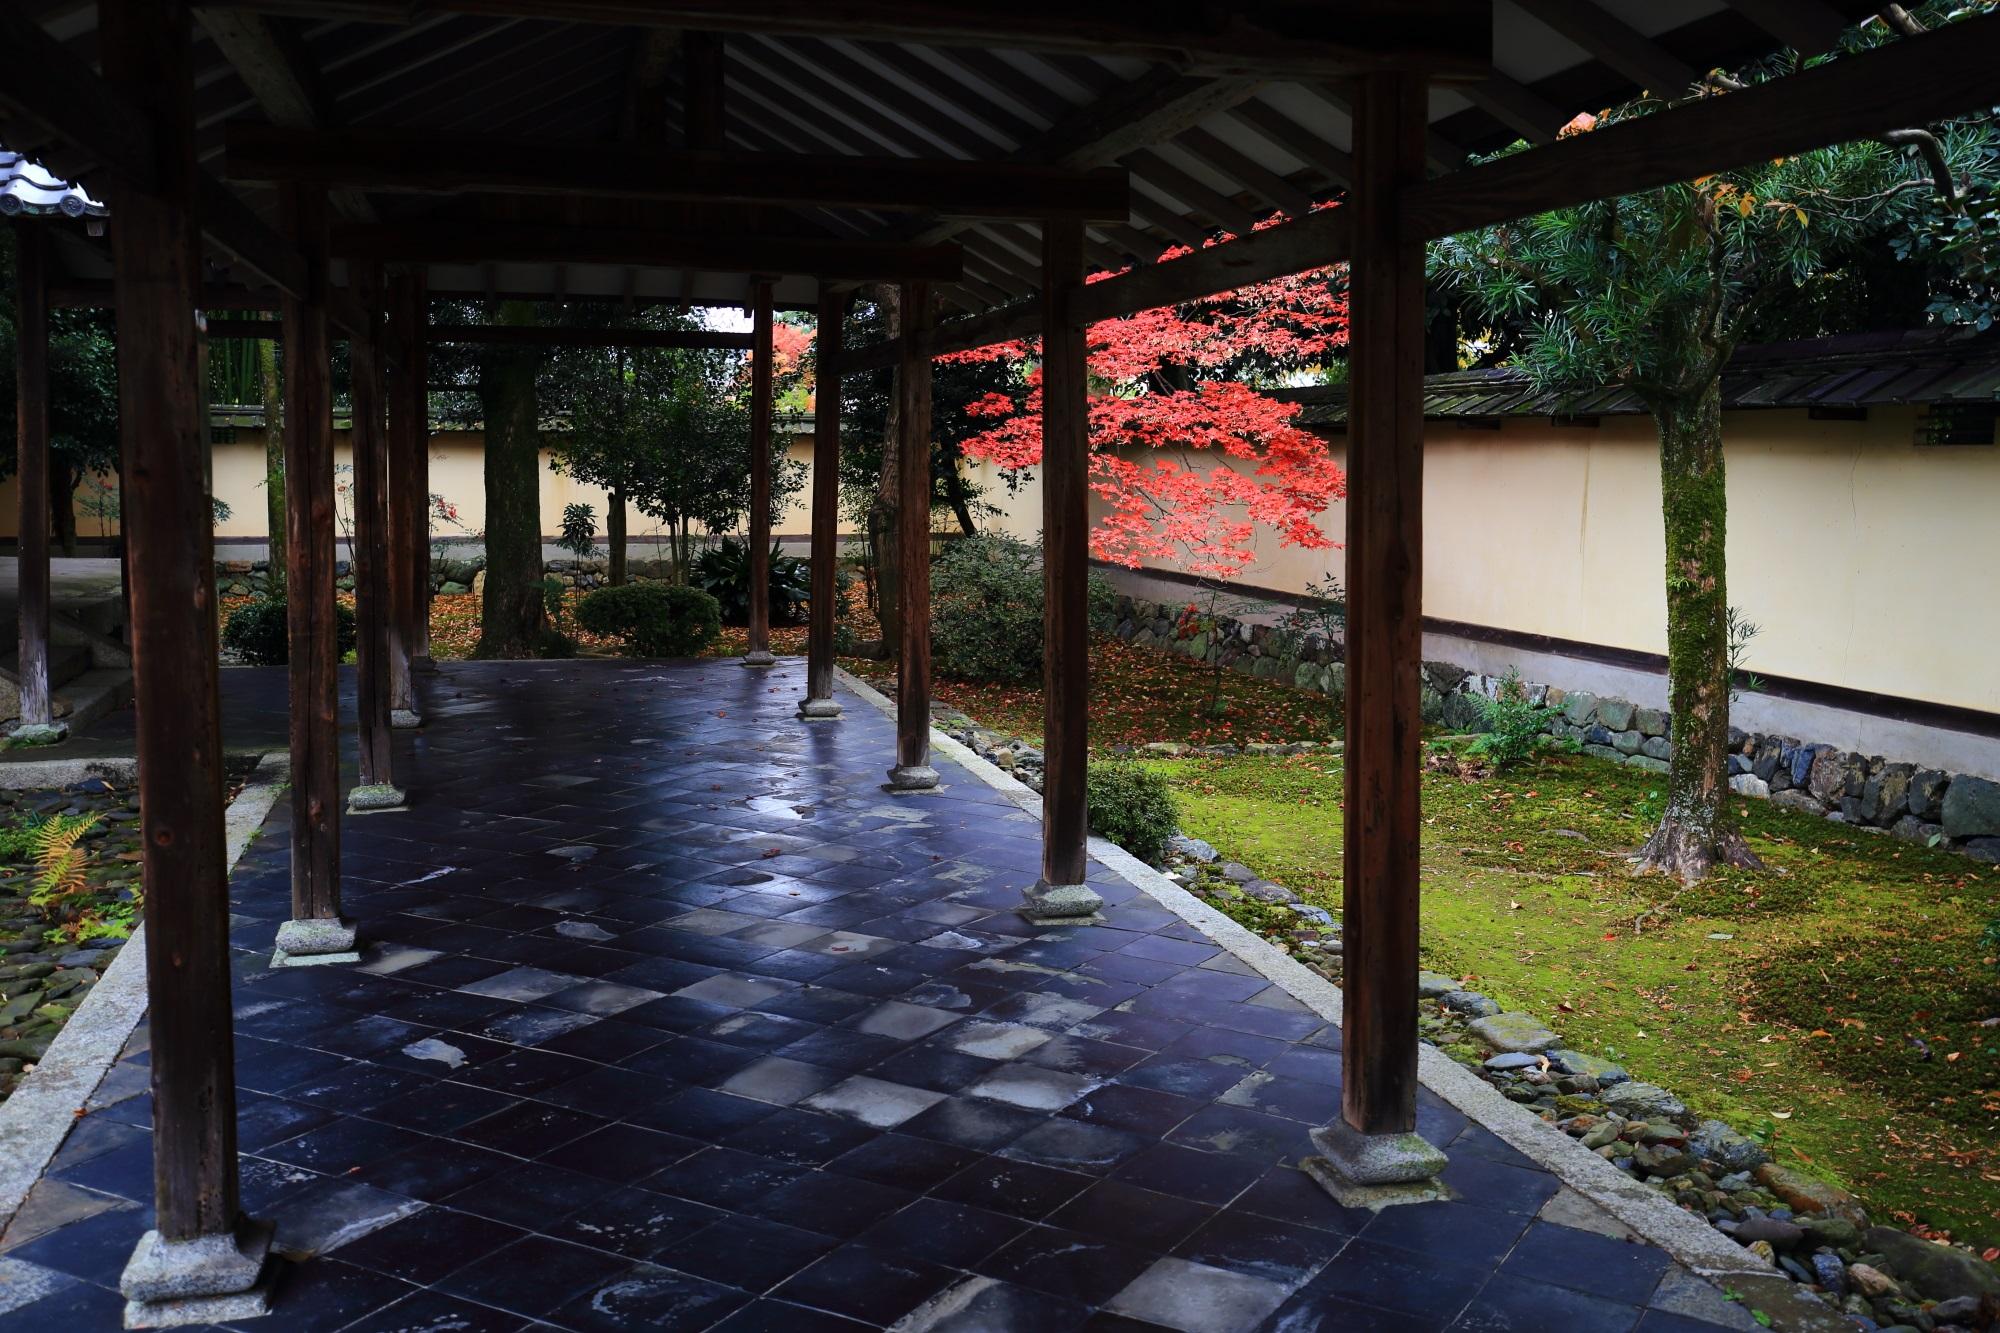 嵐山の鹿王院の舎利殿付近の見ごろの紅葉